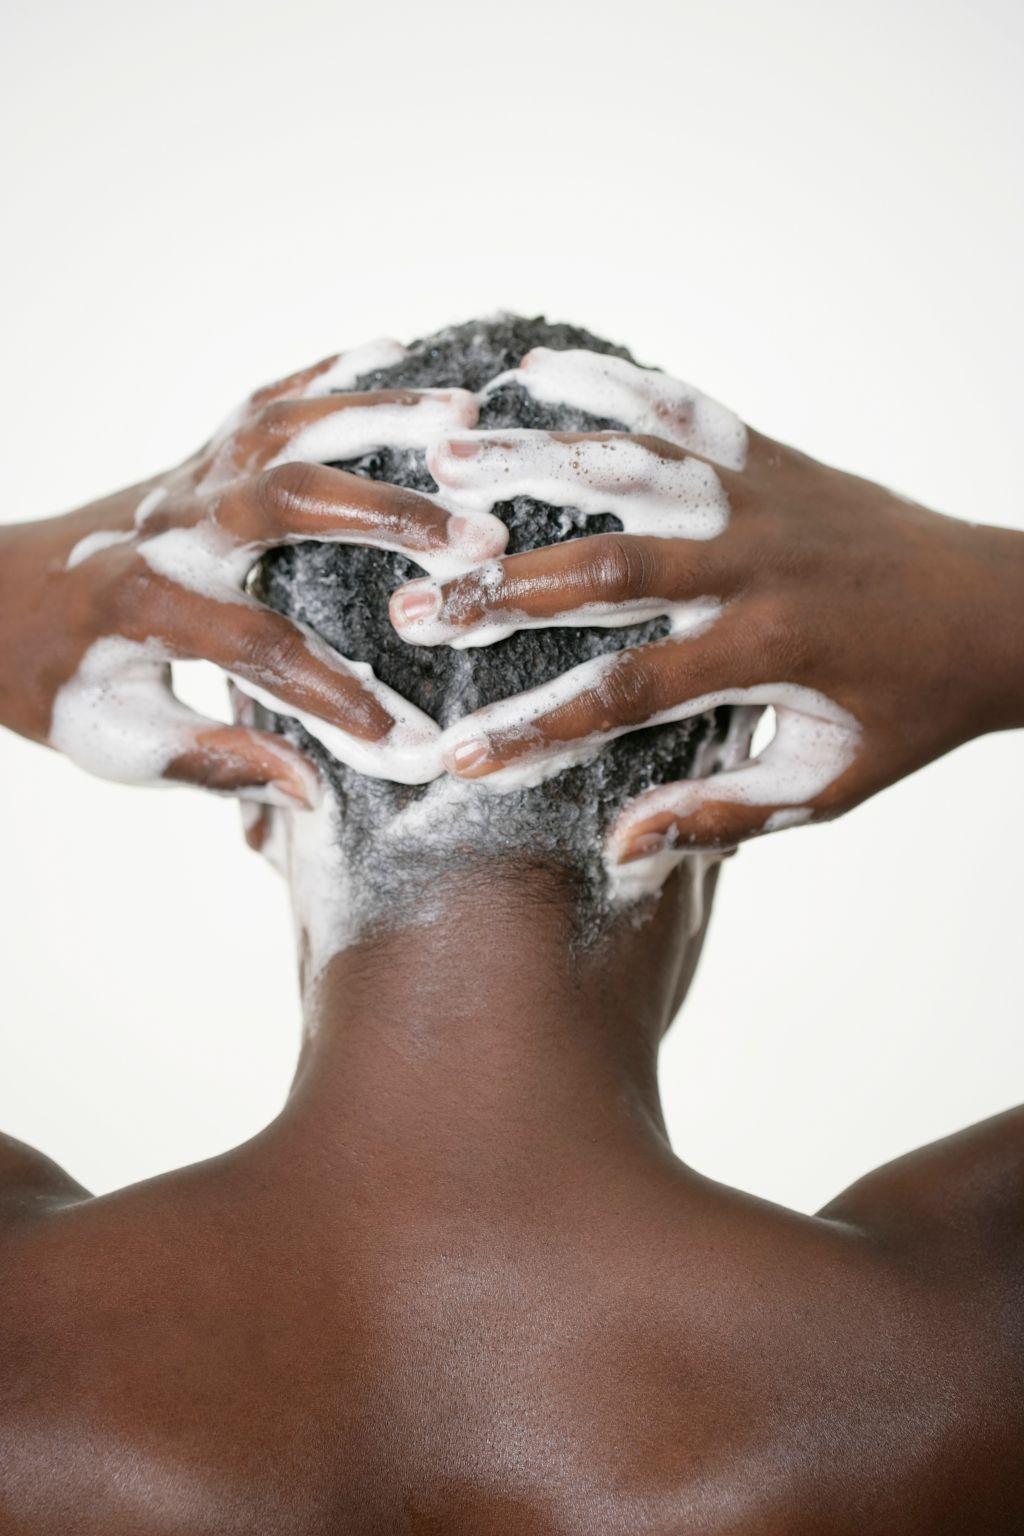 Man washing his hairs